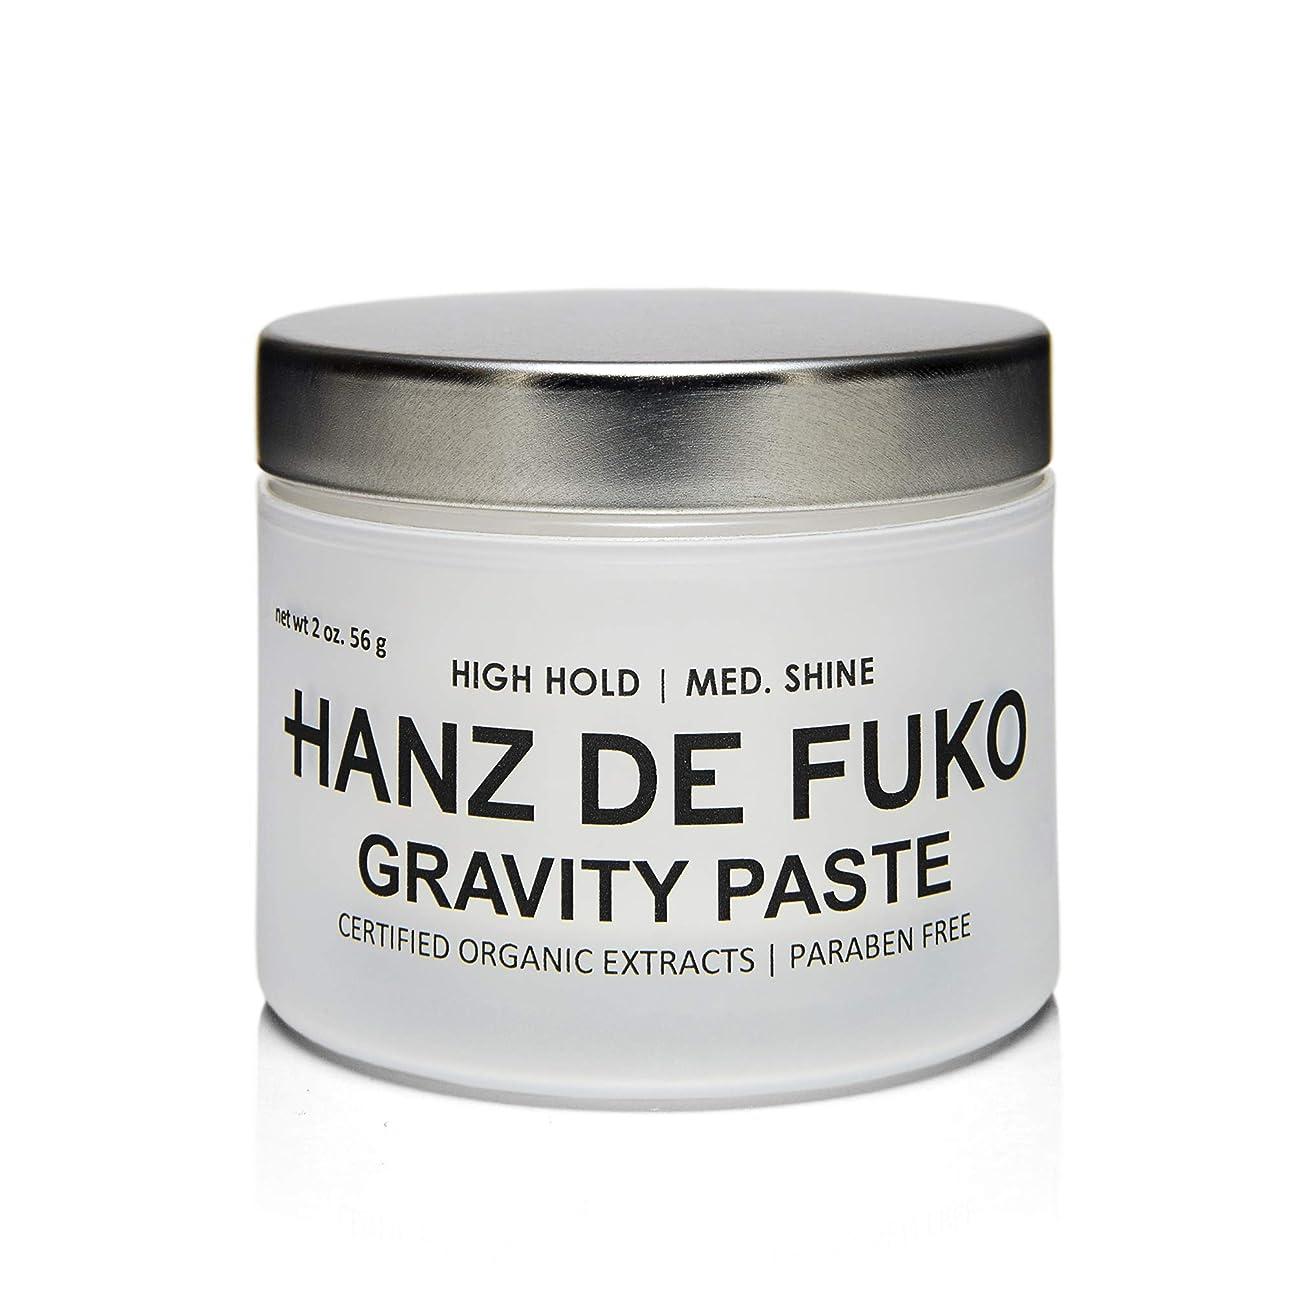 調停者テロリスト収まるHanz de Fukoプレミアムメンズヘアスタイリング重力ペースト:ミディアムシャイン仕上げの高性能ヘアスタイリングペースト56g